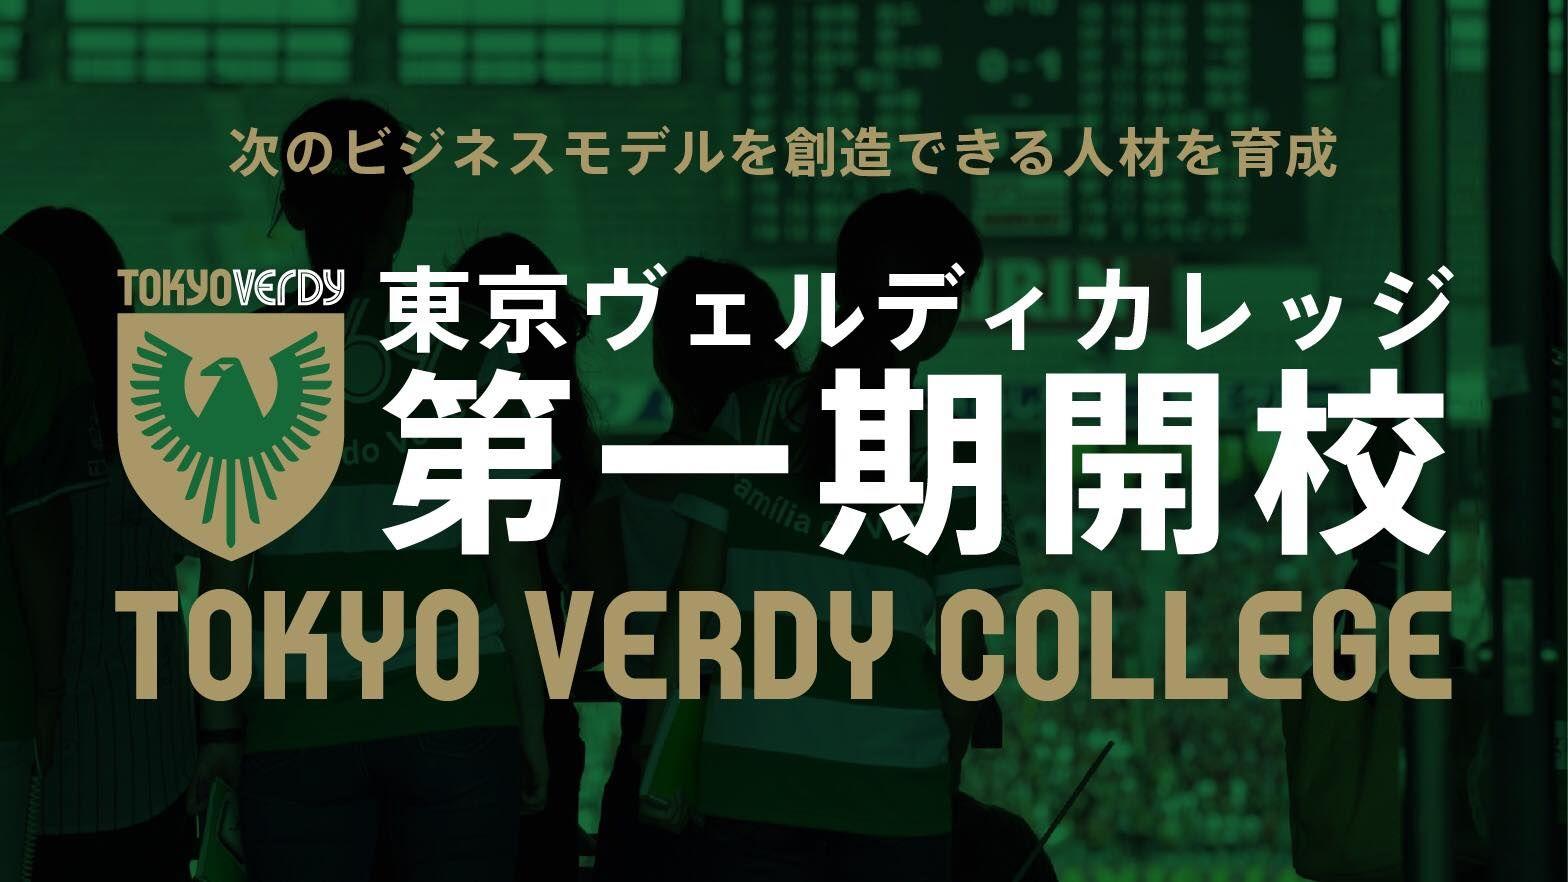 東京ヴェルディカレッジ第一期開校